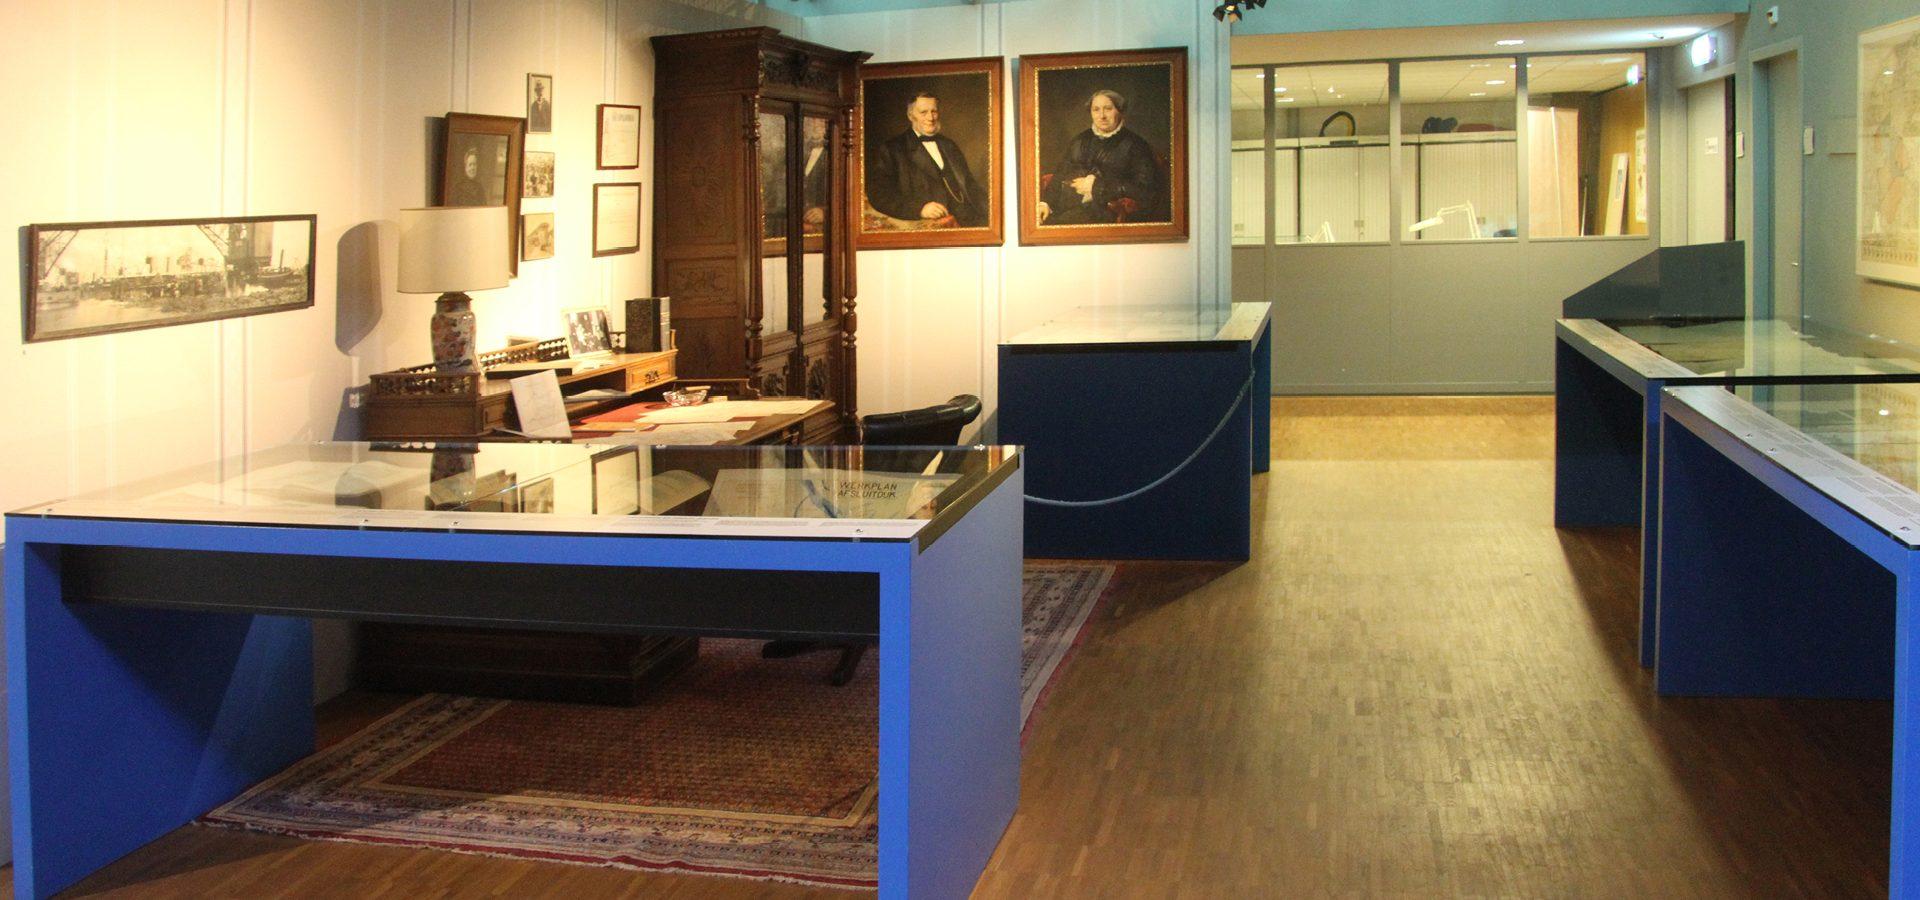 Johan Akkerman vormgeving musea Batavialand Werkkamer van Lely2